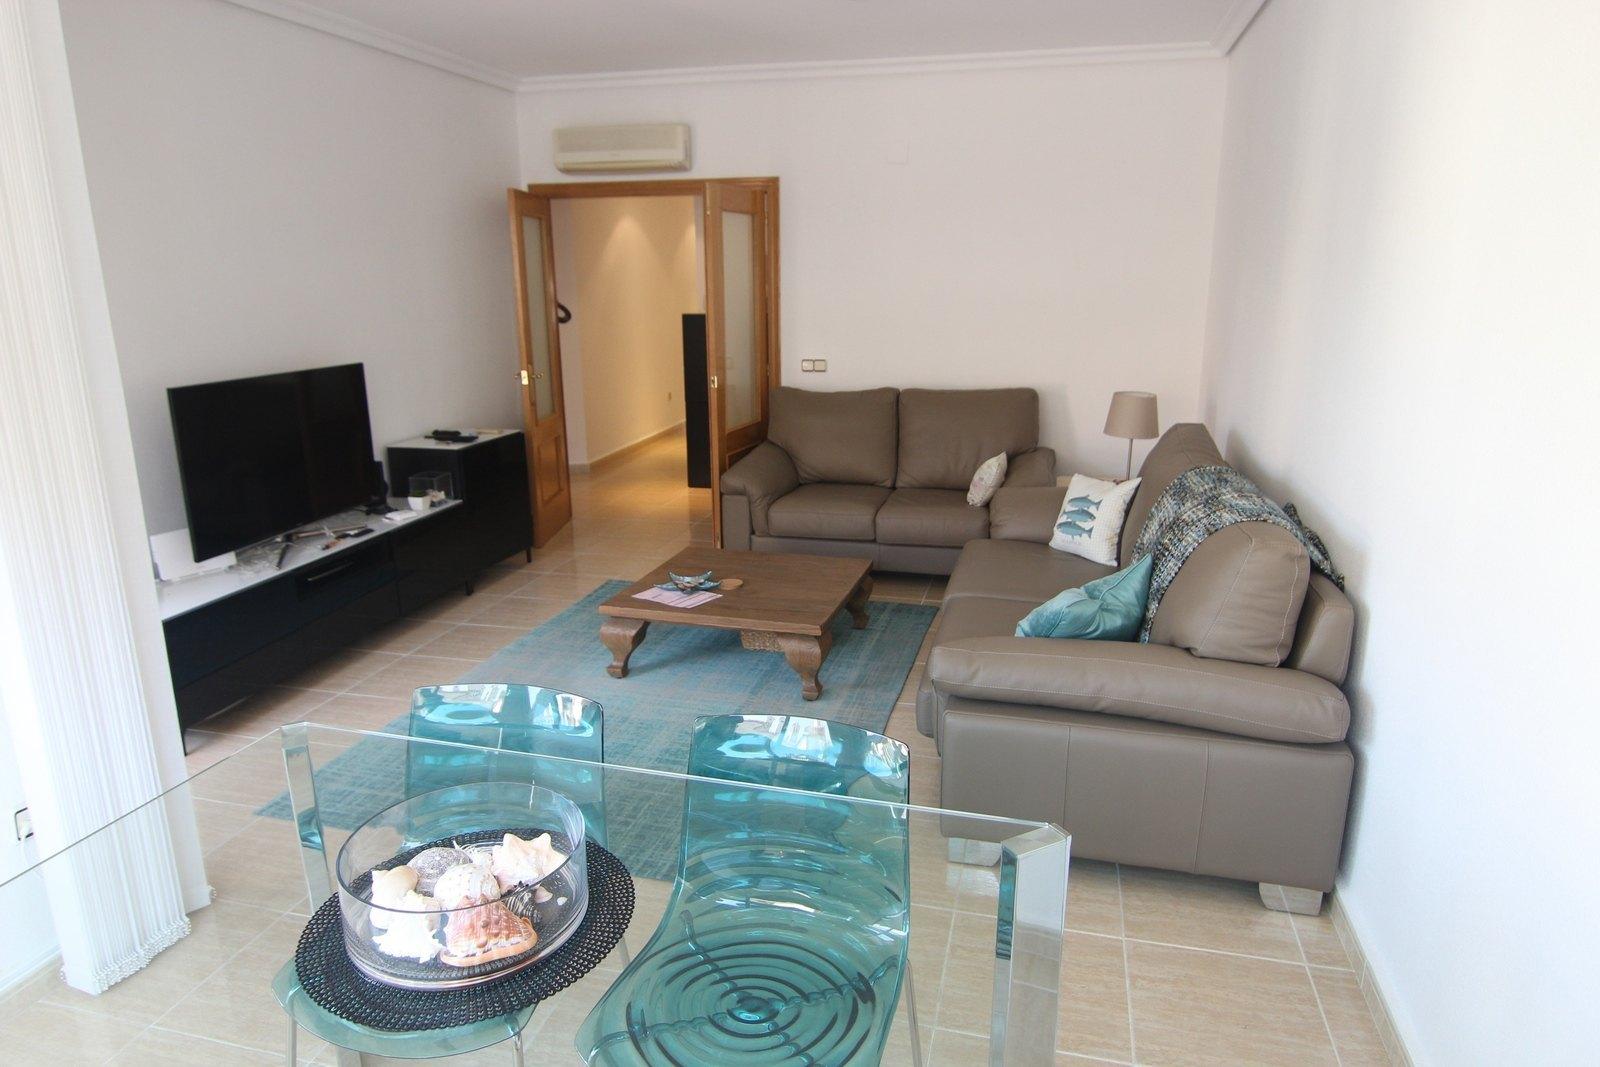 Appartement moderne à vendre dans le centre de Moraira.